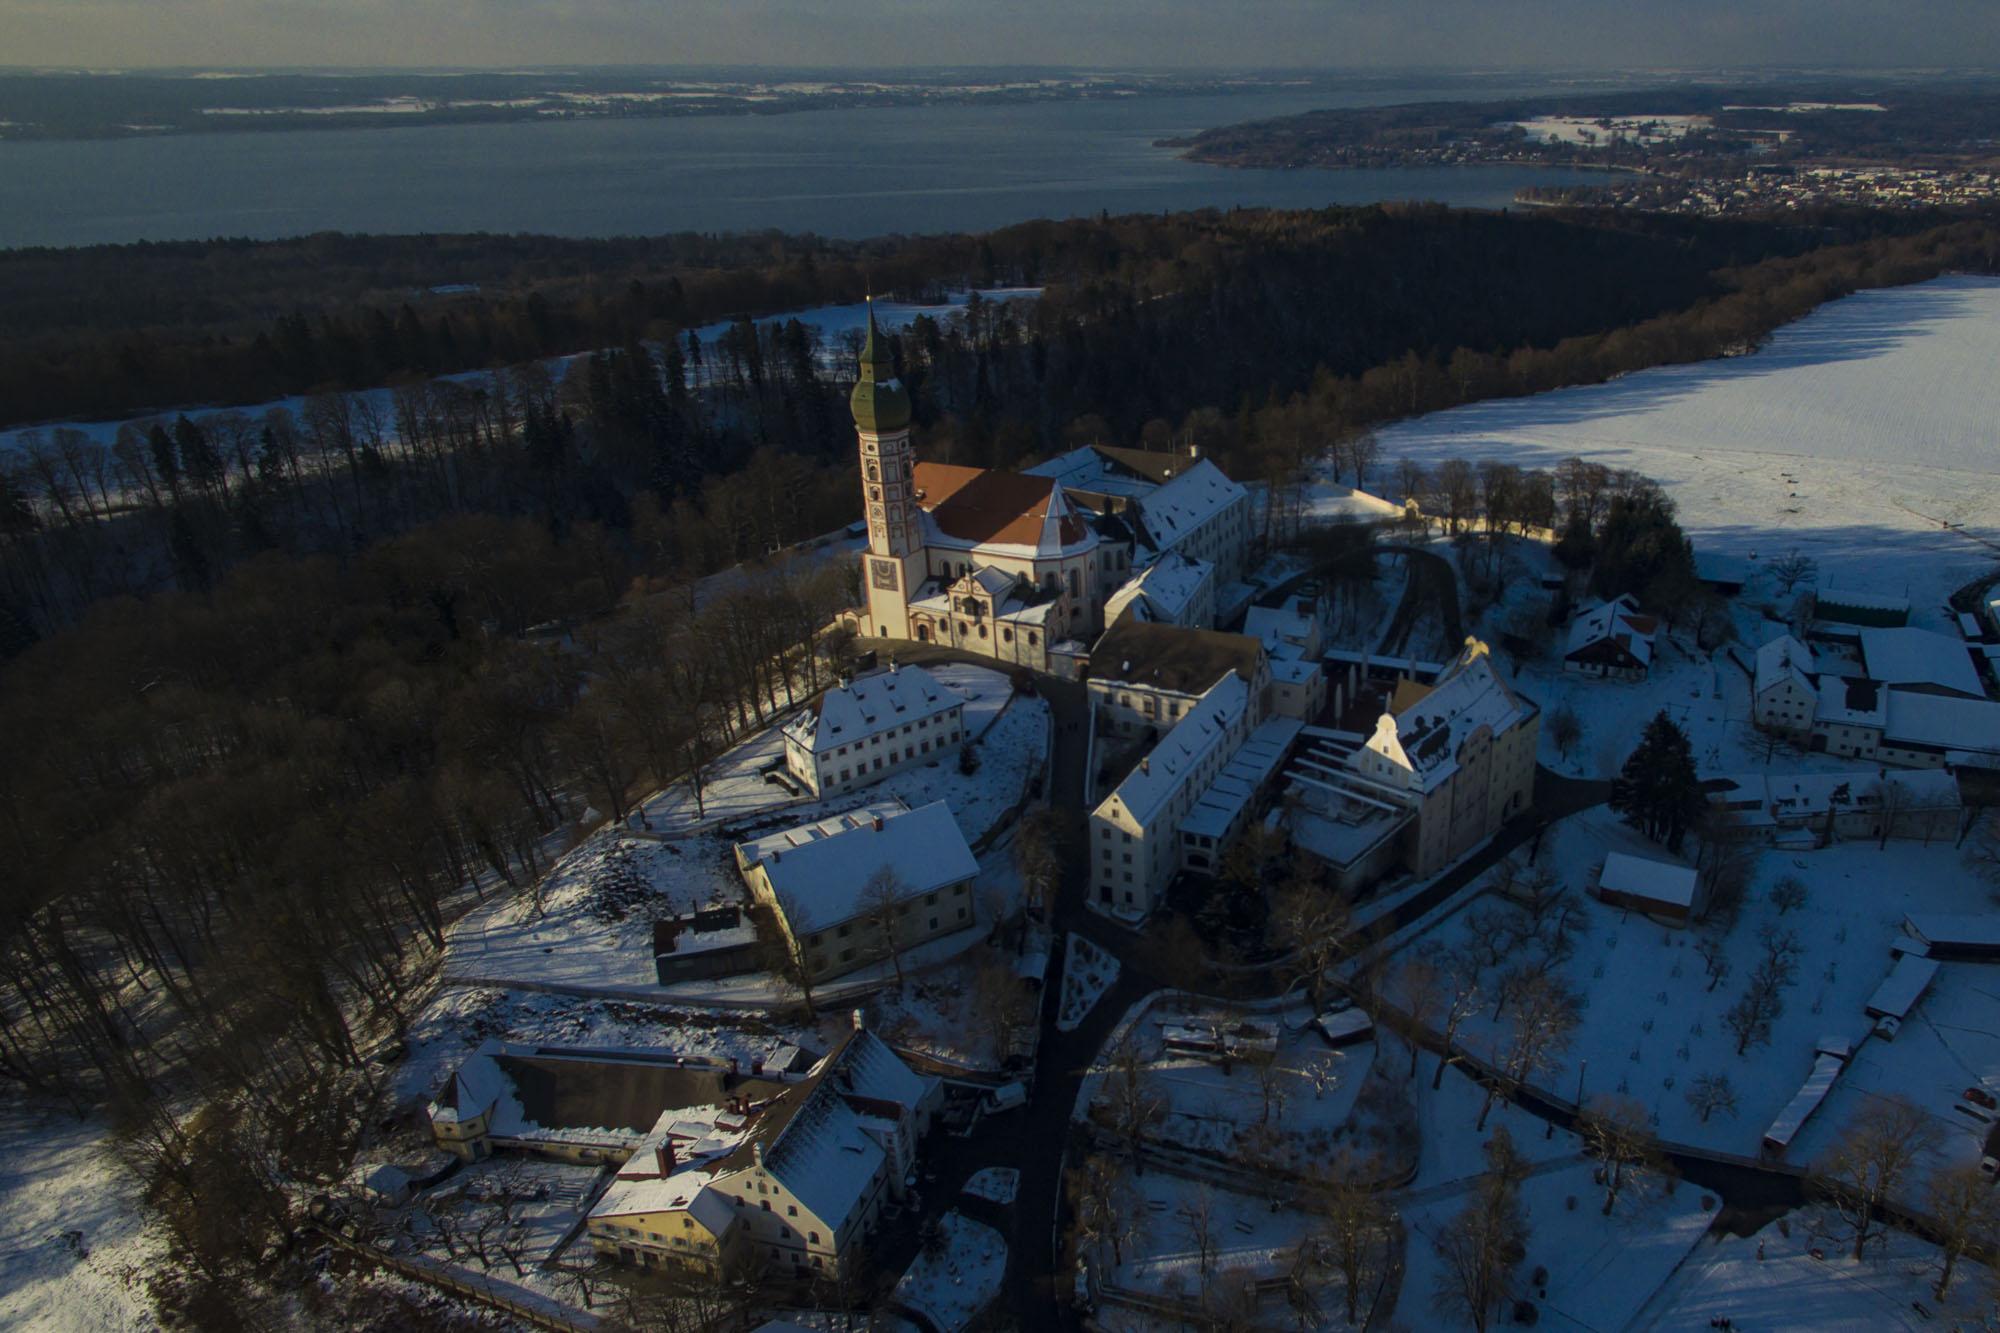 Kloster Andechs mit Ammersee